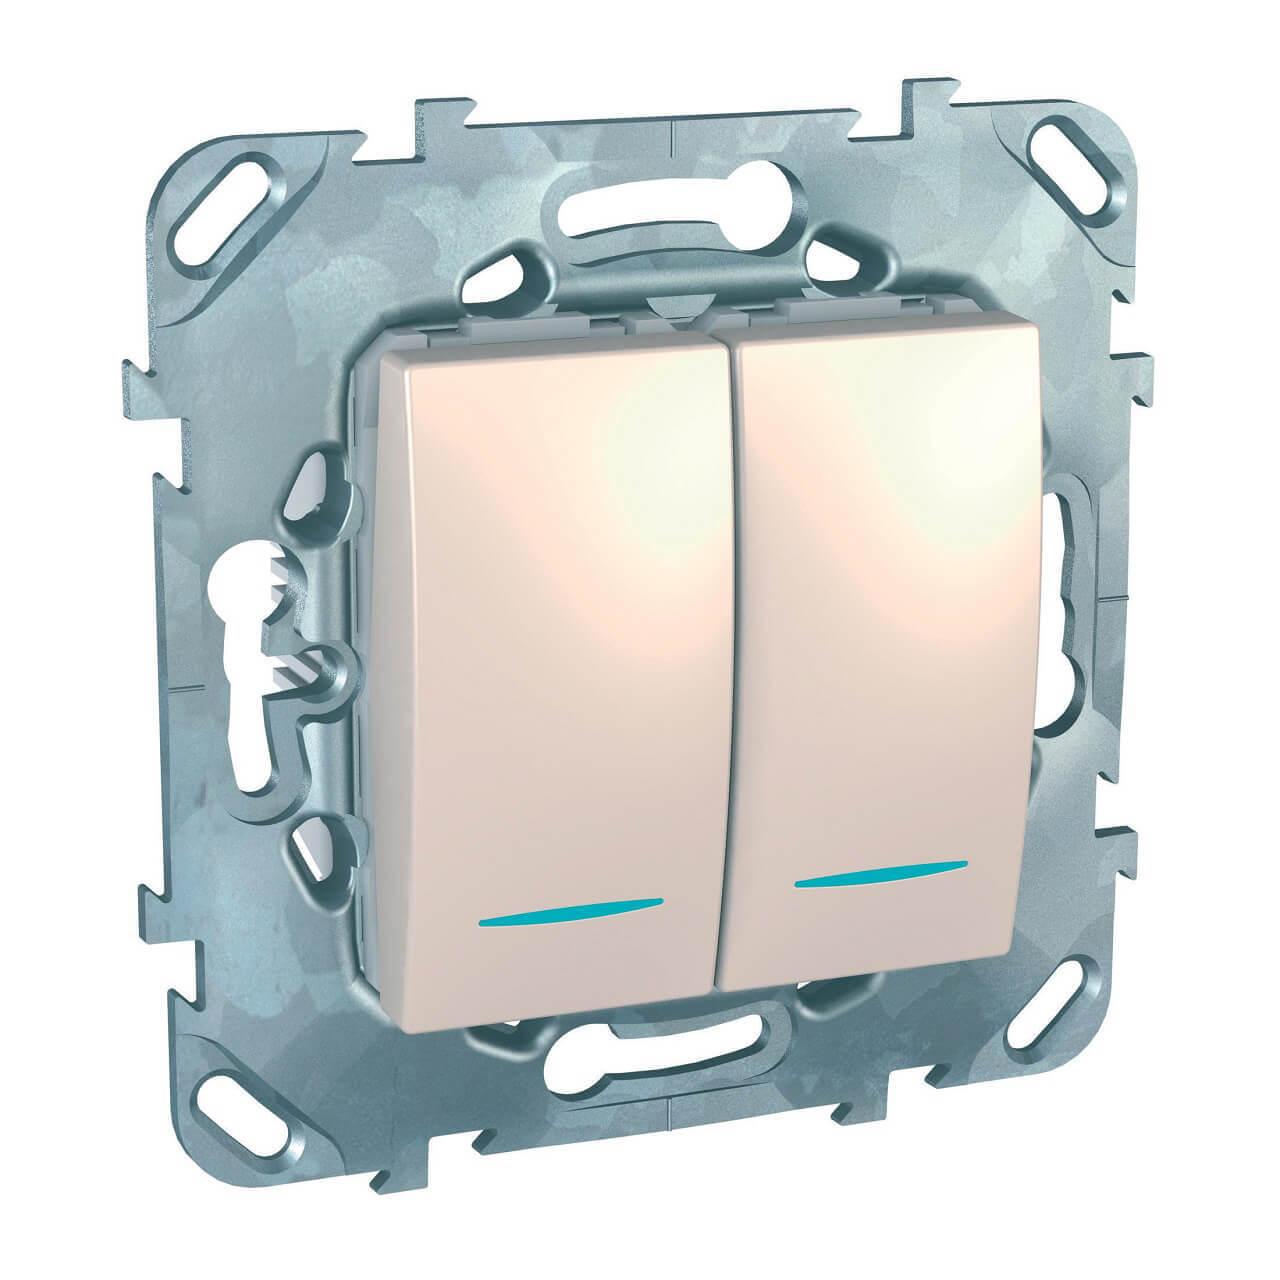 Выключатель двухклавишный с подсветкой Schneider Electric Unica MGU5.0101.25NZD выключатель двухклавишный для жалюзи schneider electric unica mgu5 208 25zd